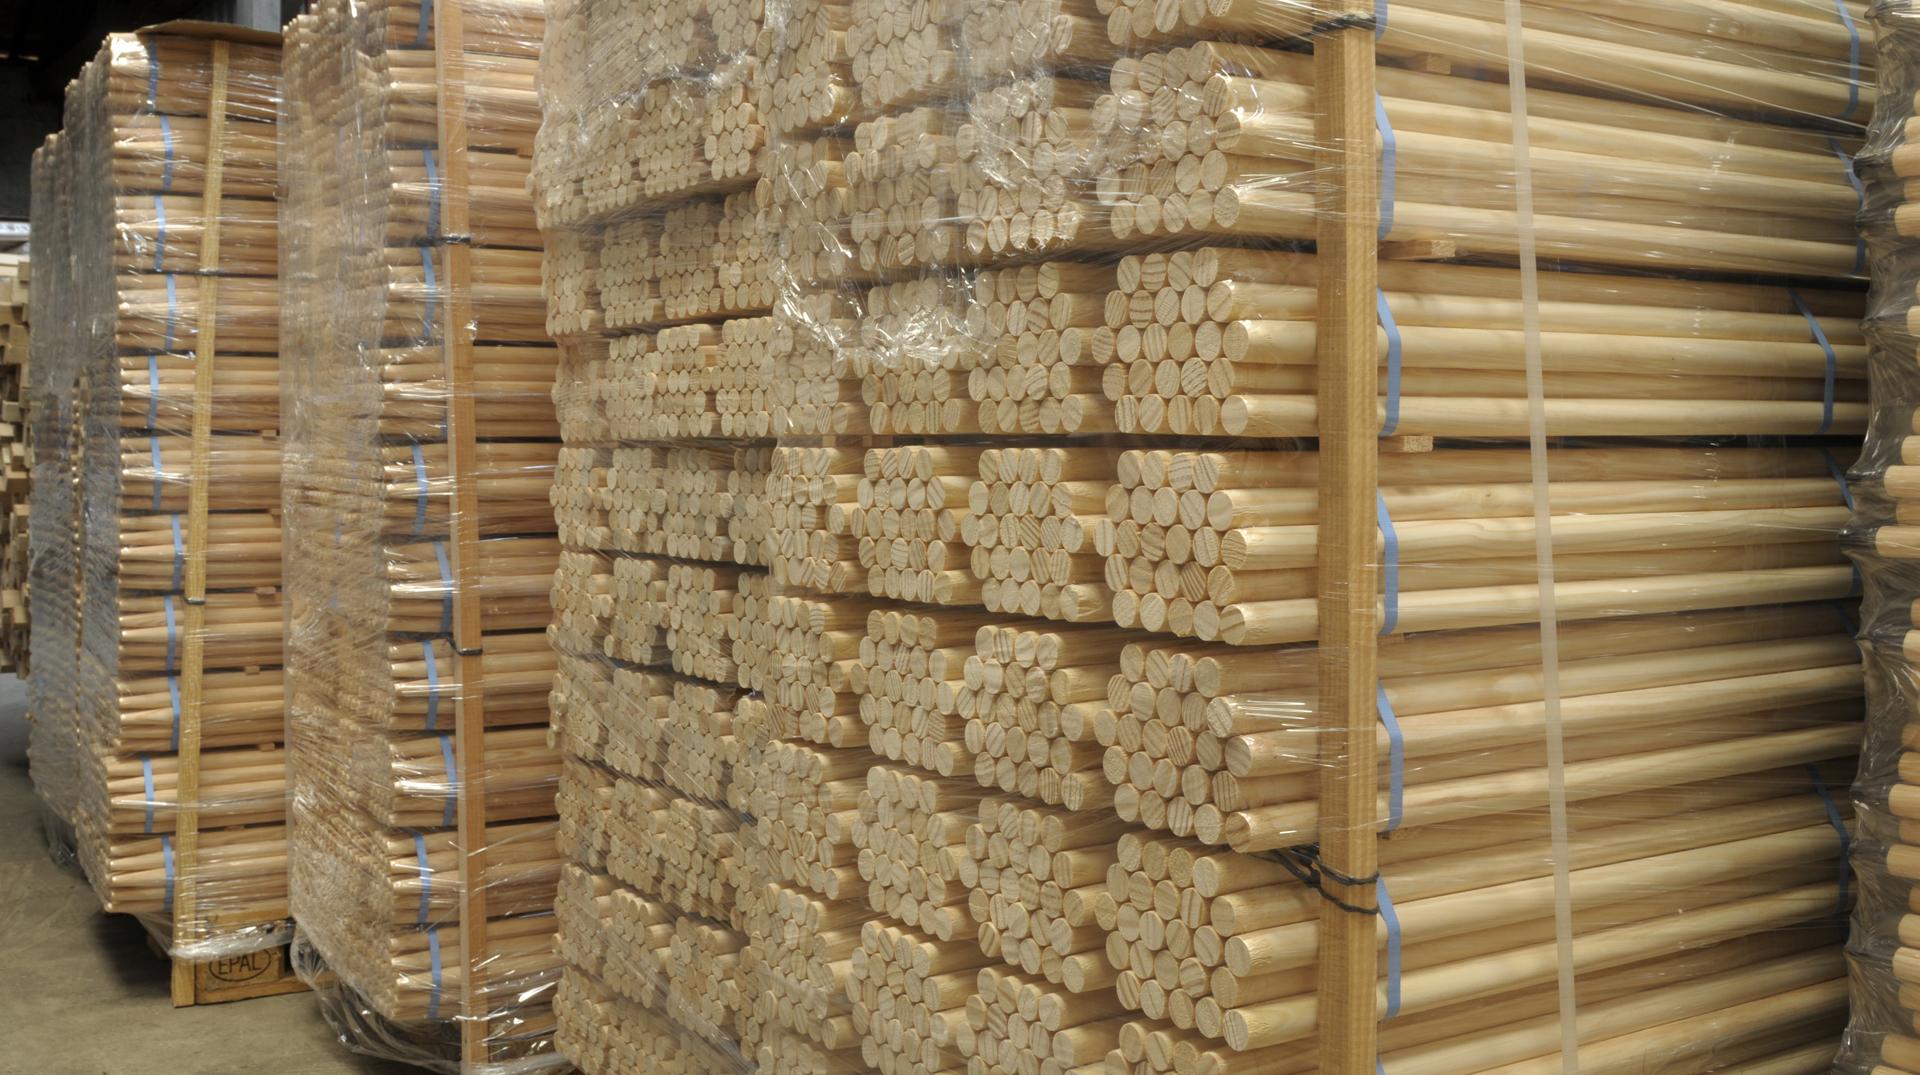 Vigne Fr u00e8res, Fabrication artisanale de manches d'outils  # Fabricant Laine De Bois